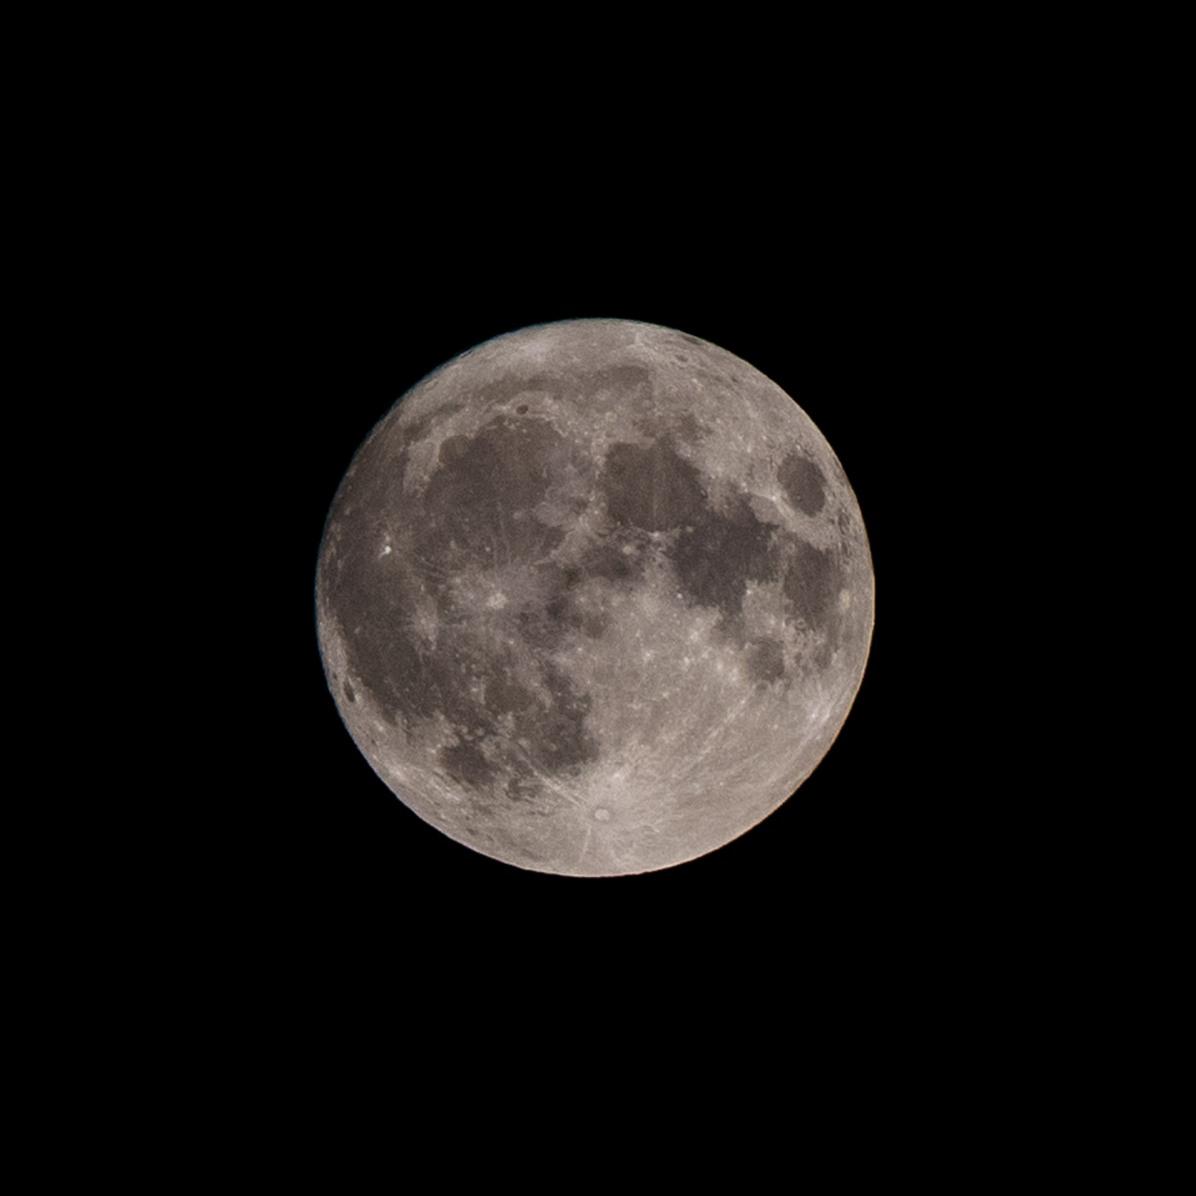 Dag 30 vanaf volle maan. 13-09-2019 Tijdstip 22.10 Maanopkomst 20.16 Maanondergang 05.57 Muzieknummer van dag 30: Dolly Parton, the moon, the stars and me Annemarie Joziasse, dank je wel voor het aanleveren! Alle nummers zijn te beluisteren via: de Moonsongs-playlist: https://open.spotify.com/playlist/4som6hoVBAn8mI5Jabtm2o